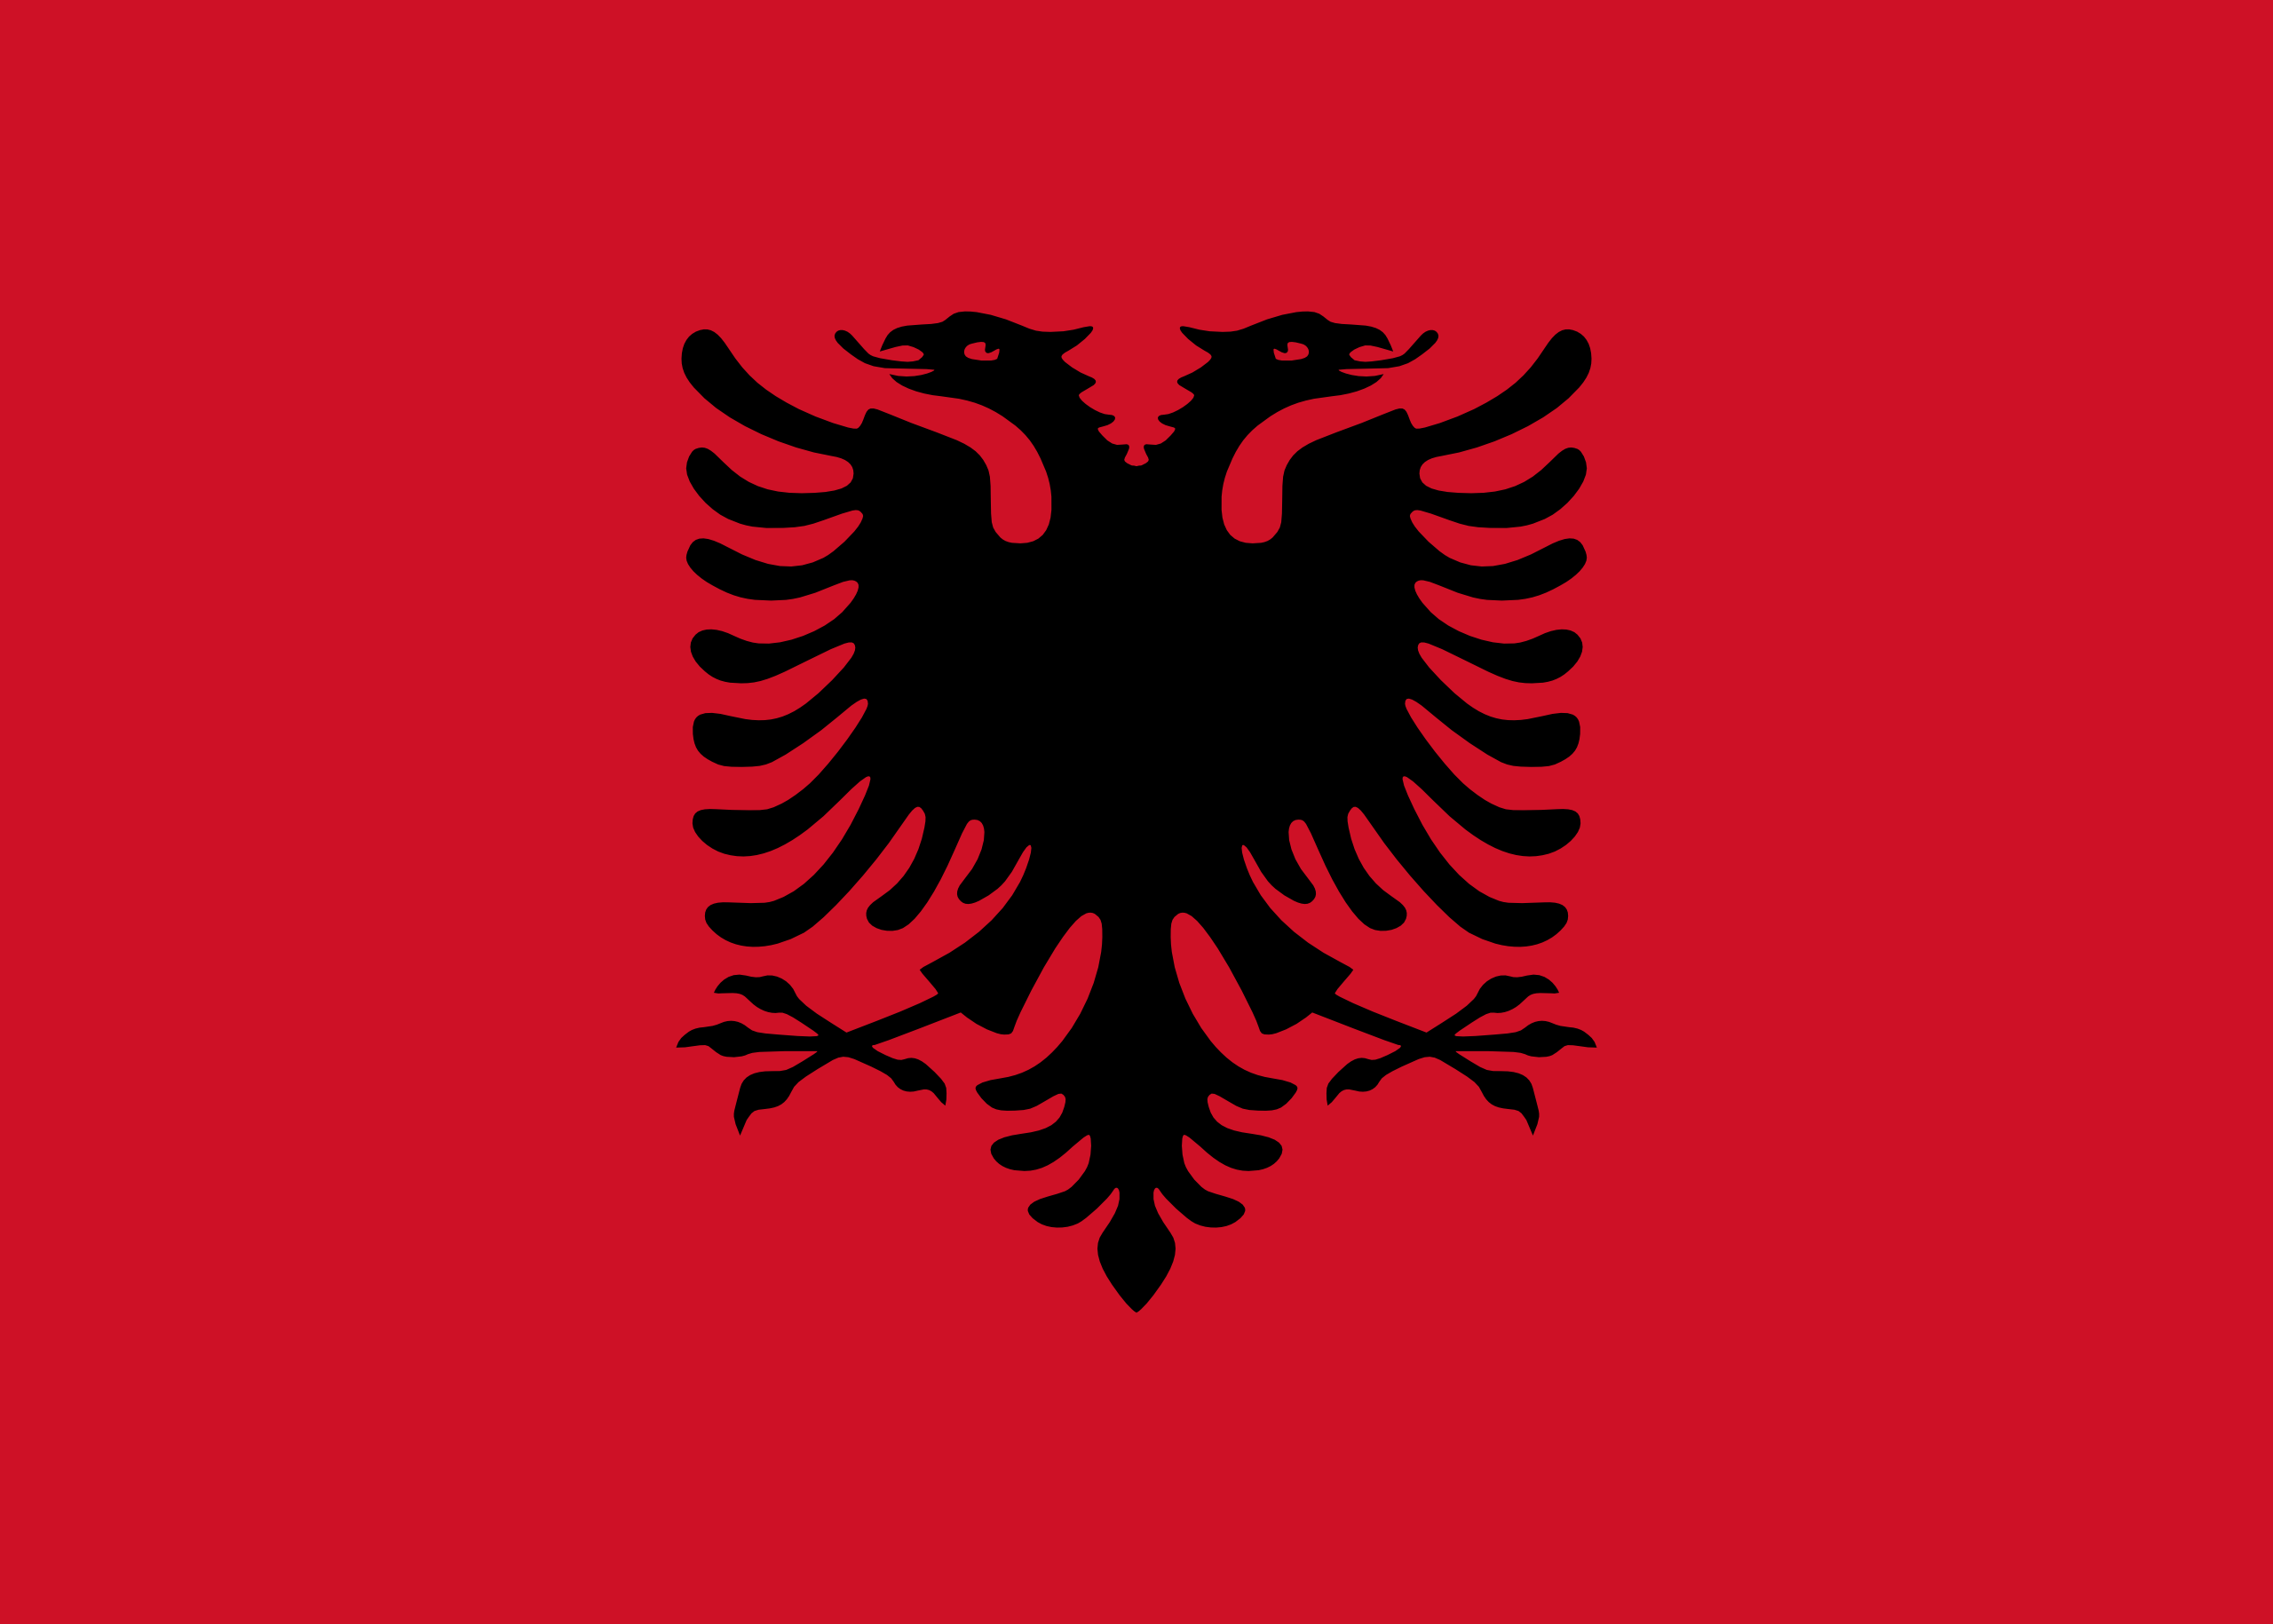 albania, país, emblema, insignia, símbolo - Fondos de Pantalla HD - professor-falken.com